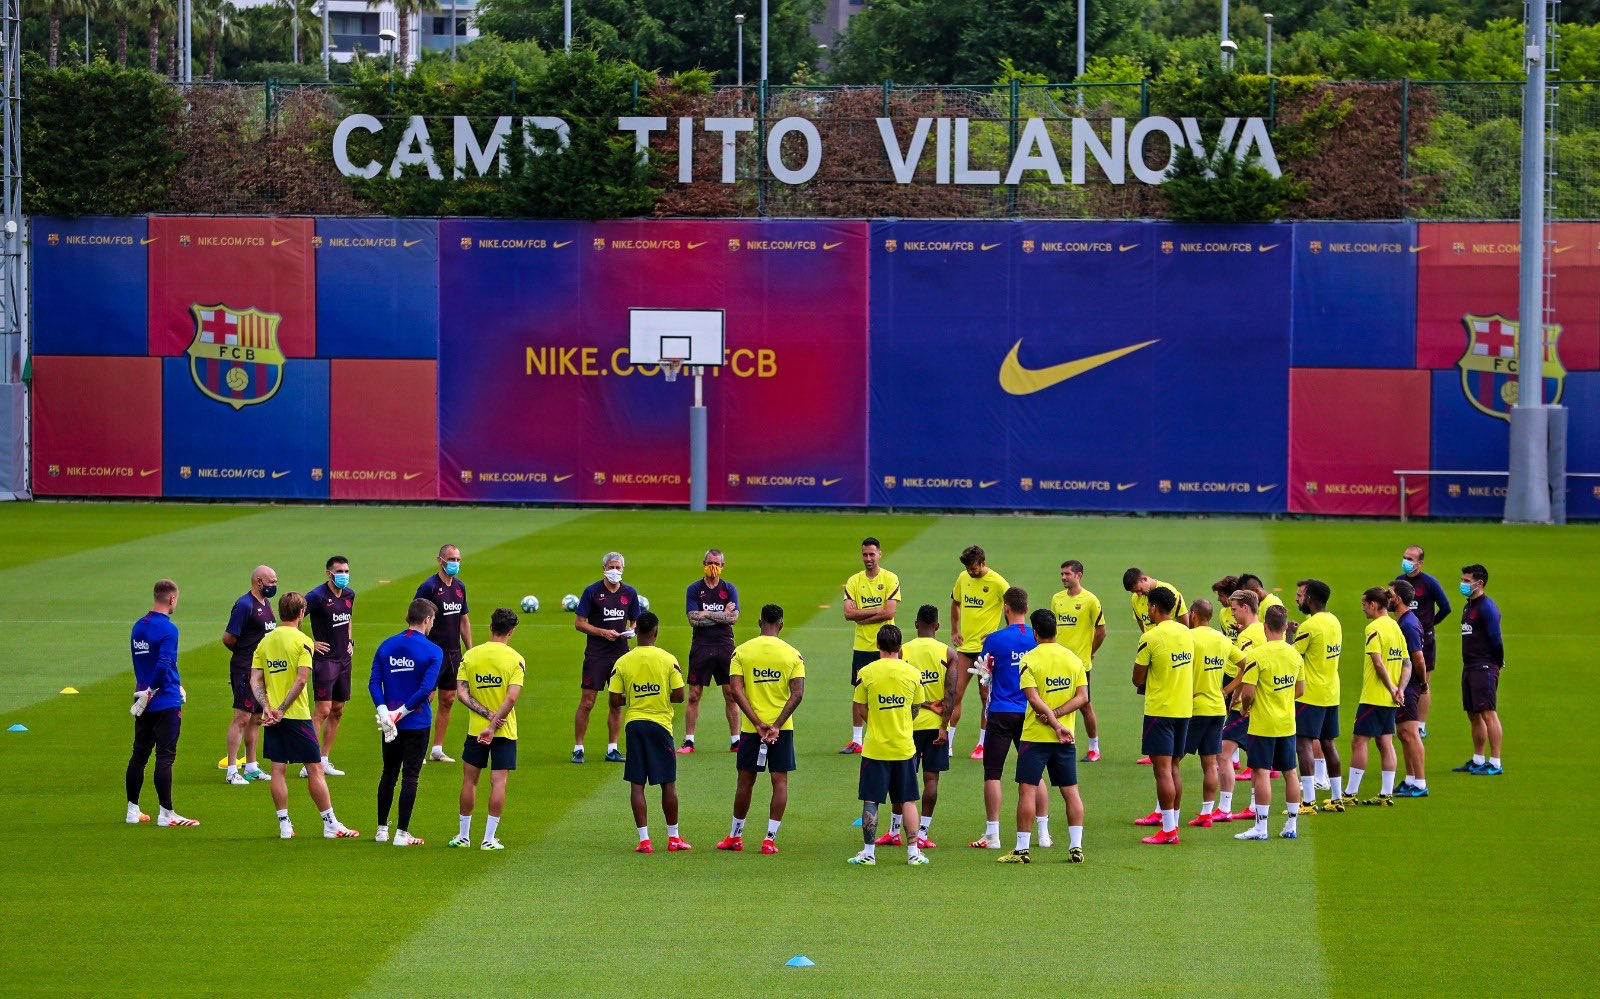 لأول مرة.. لاعبو برشلونة يتدربون بشكل جماعي في زمن كورونا